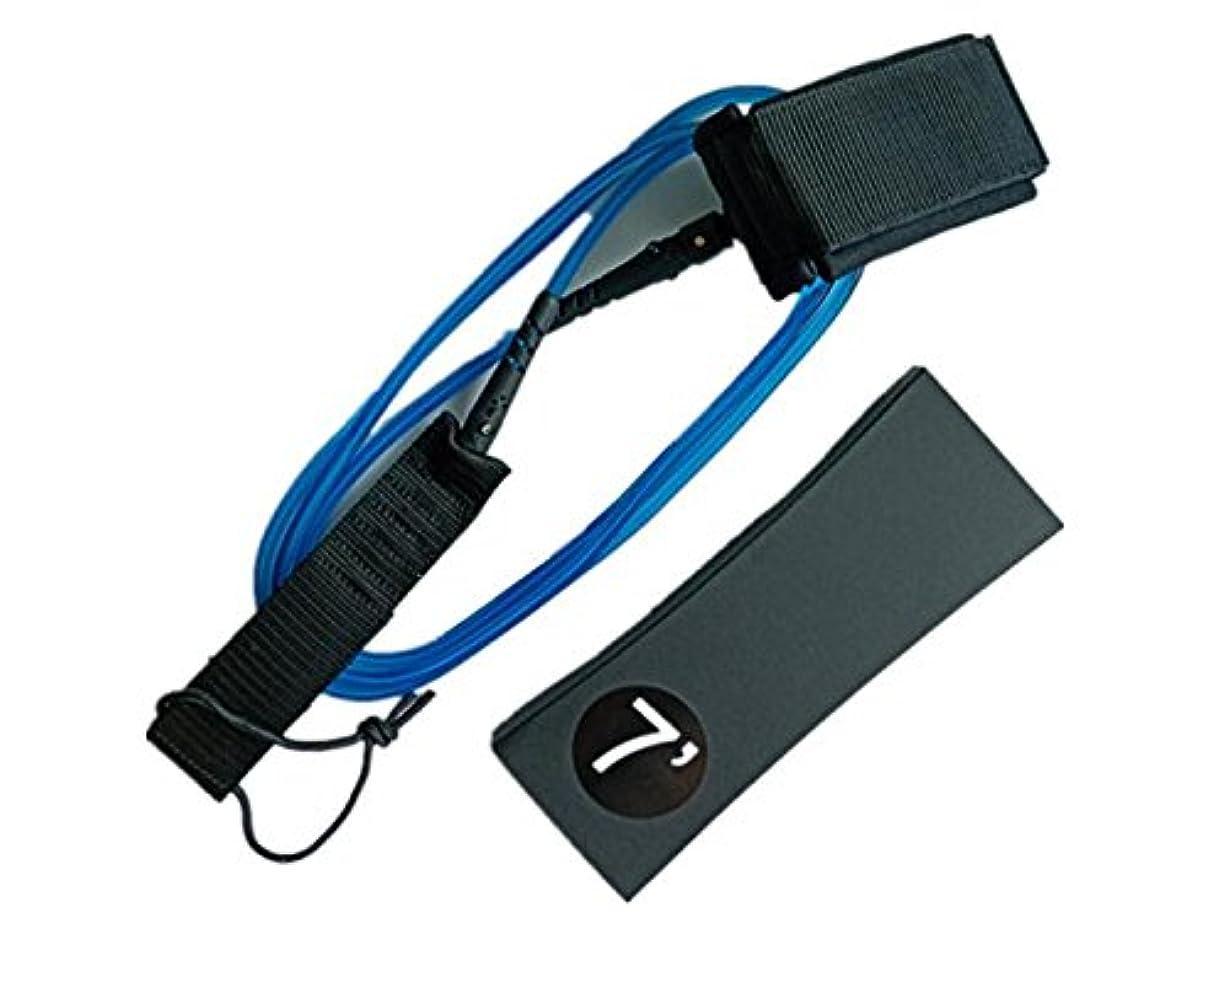 反対した人工的な差別RaiFu リーシュコード サーフリーシュ フット ロープ セーフ ストラップ ボード用 7ft 7mm